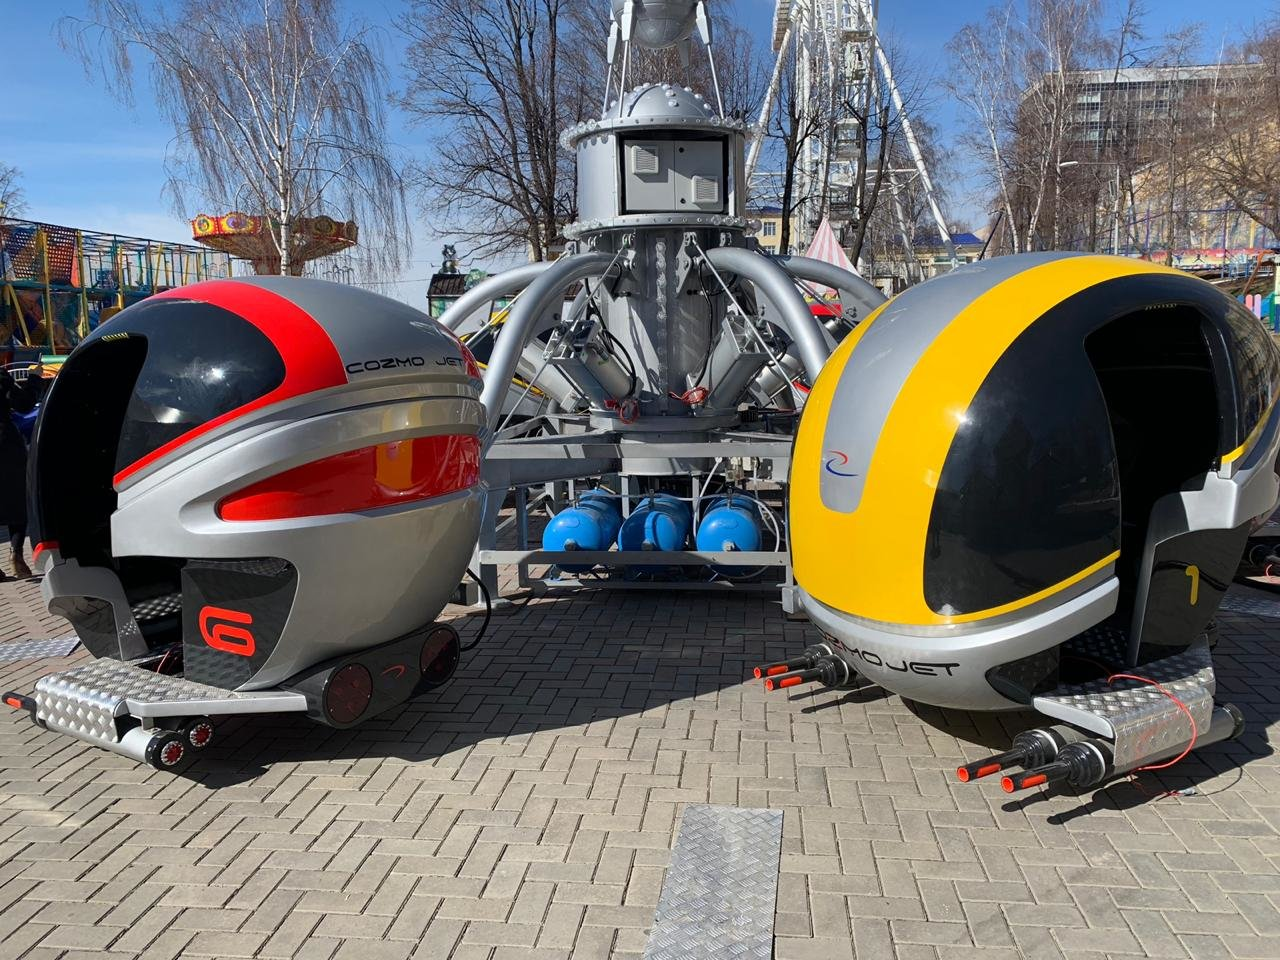 В Летнем саду начнет работу уникальный аттракцион — космические капсулы Cozmo Jet, фото-1